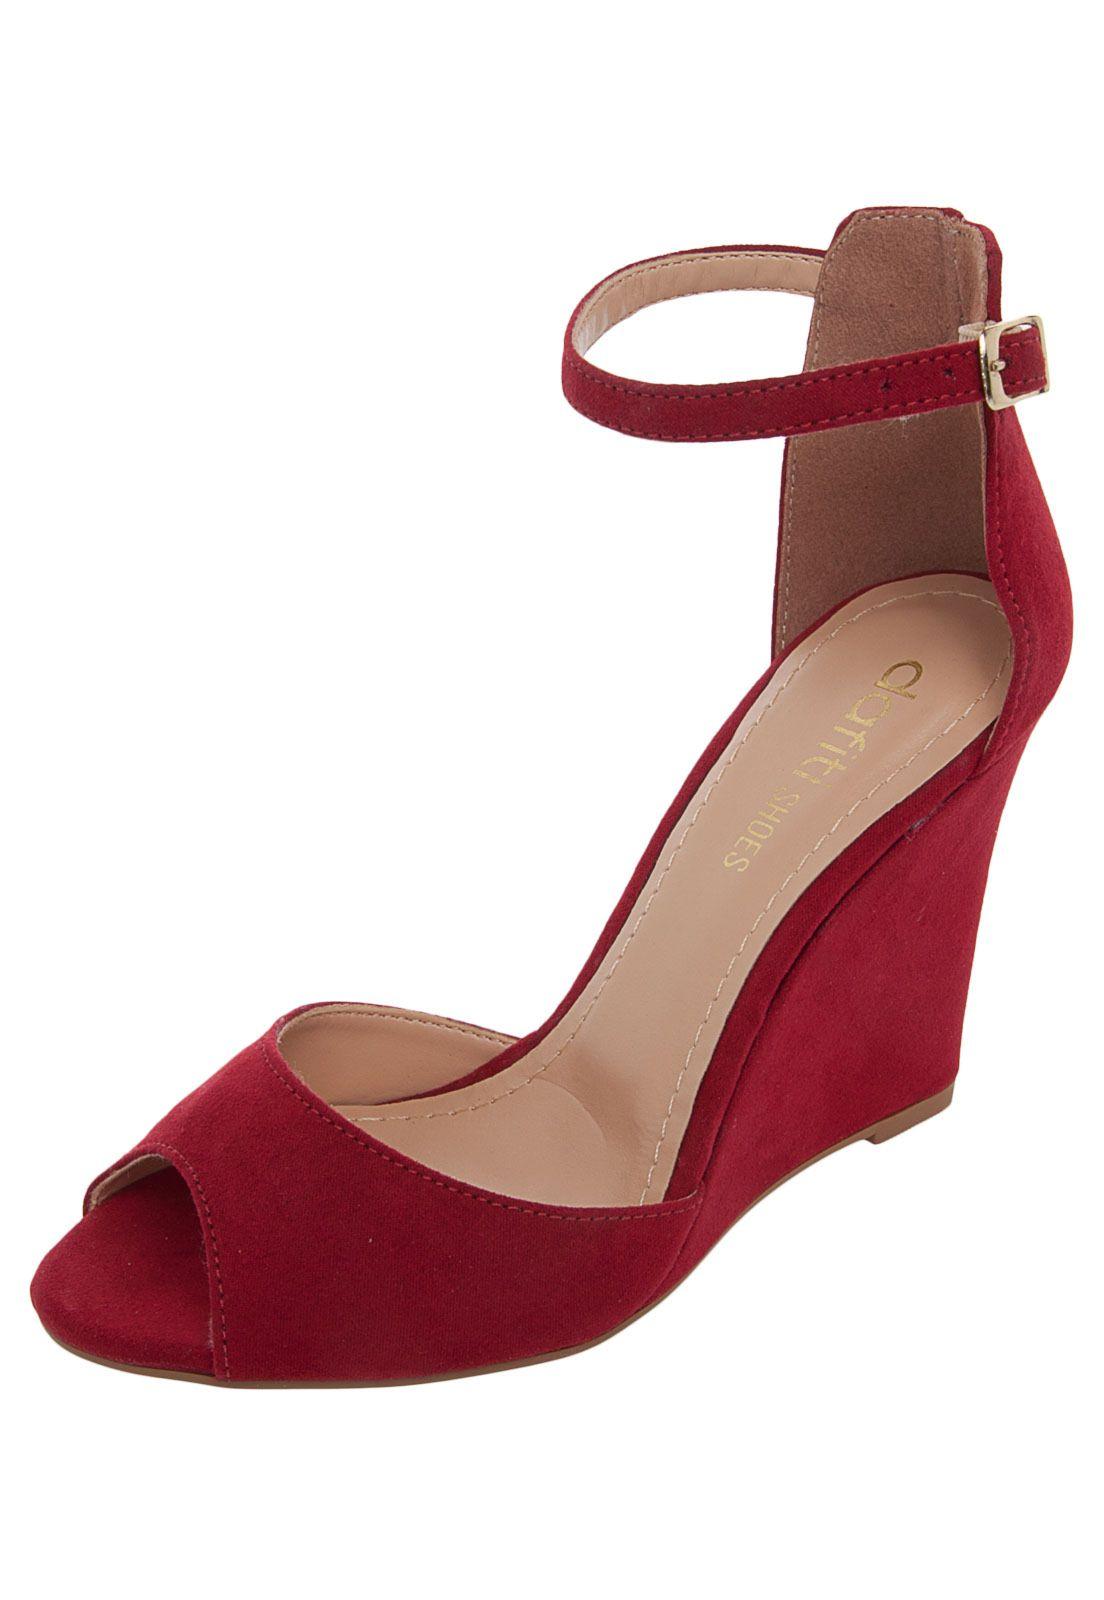 972ed8a4e Sandália Anabela DAFITI SHOES Vermelha | ZAPATOS | Sapatos, Anabela ...